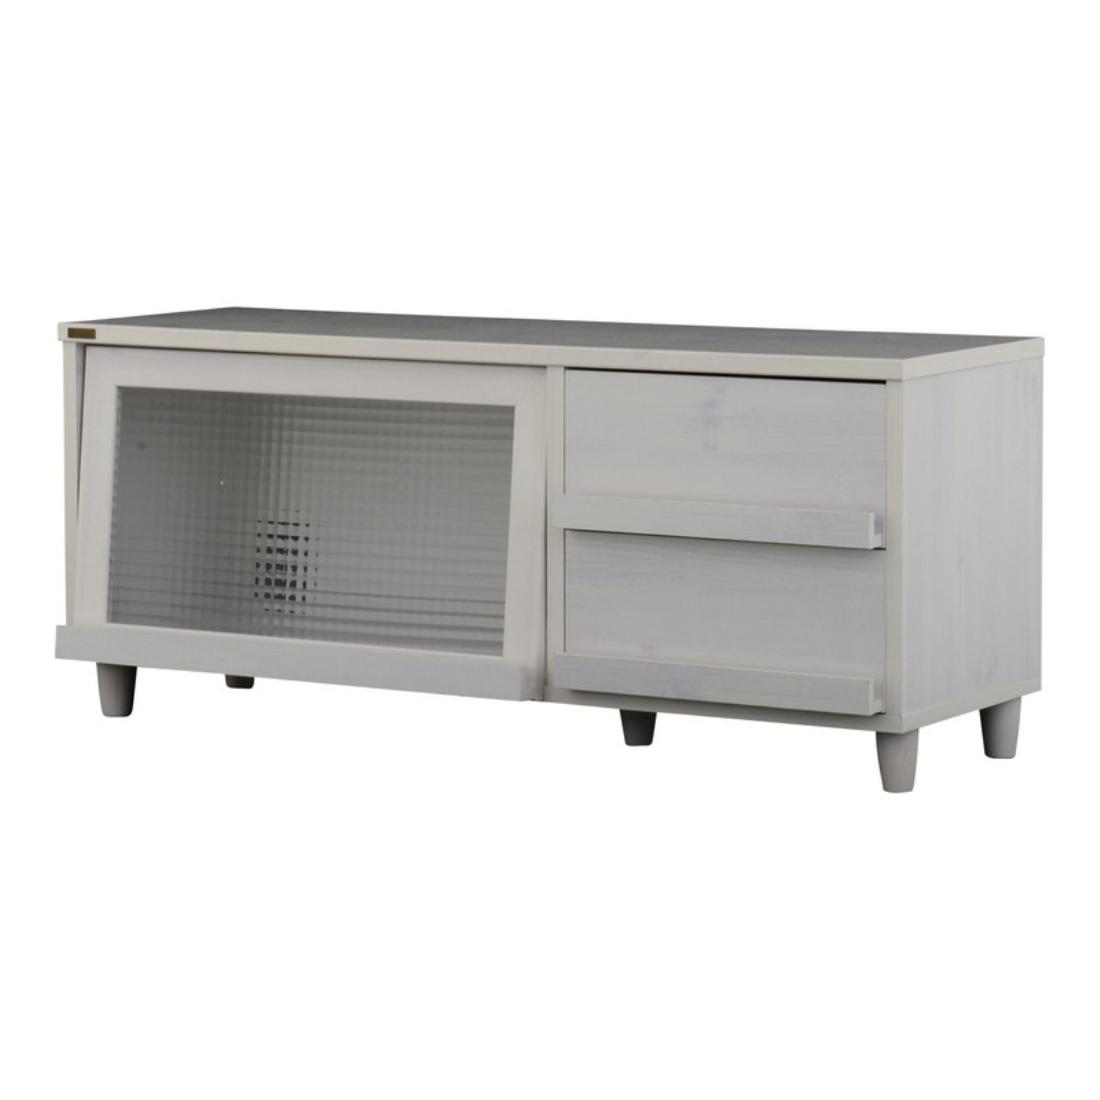 送料無料 オシャレ 家具 テレビ ボード TVボード NEFLAS(ネフラス)テレビ台 ローボード(120cm幅) オシャレ